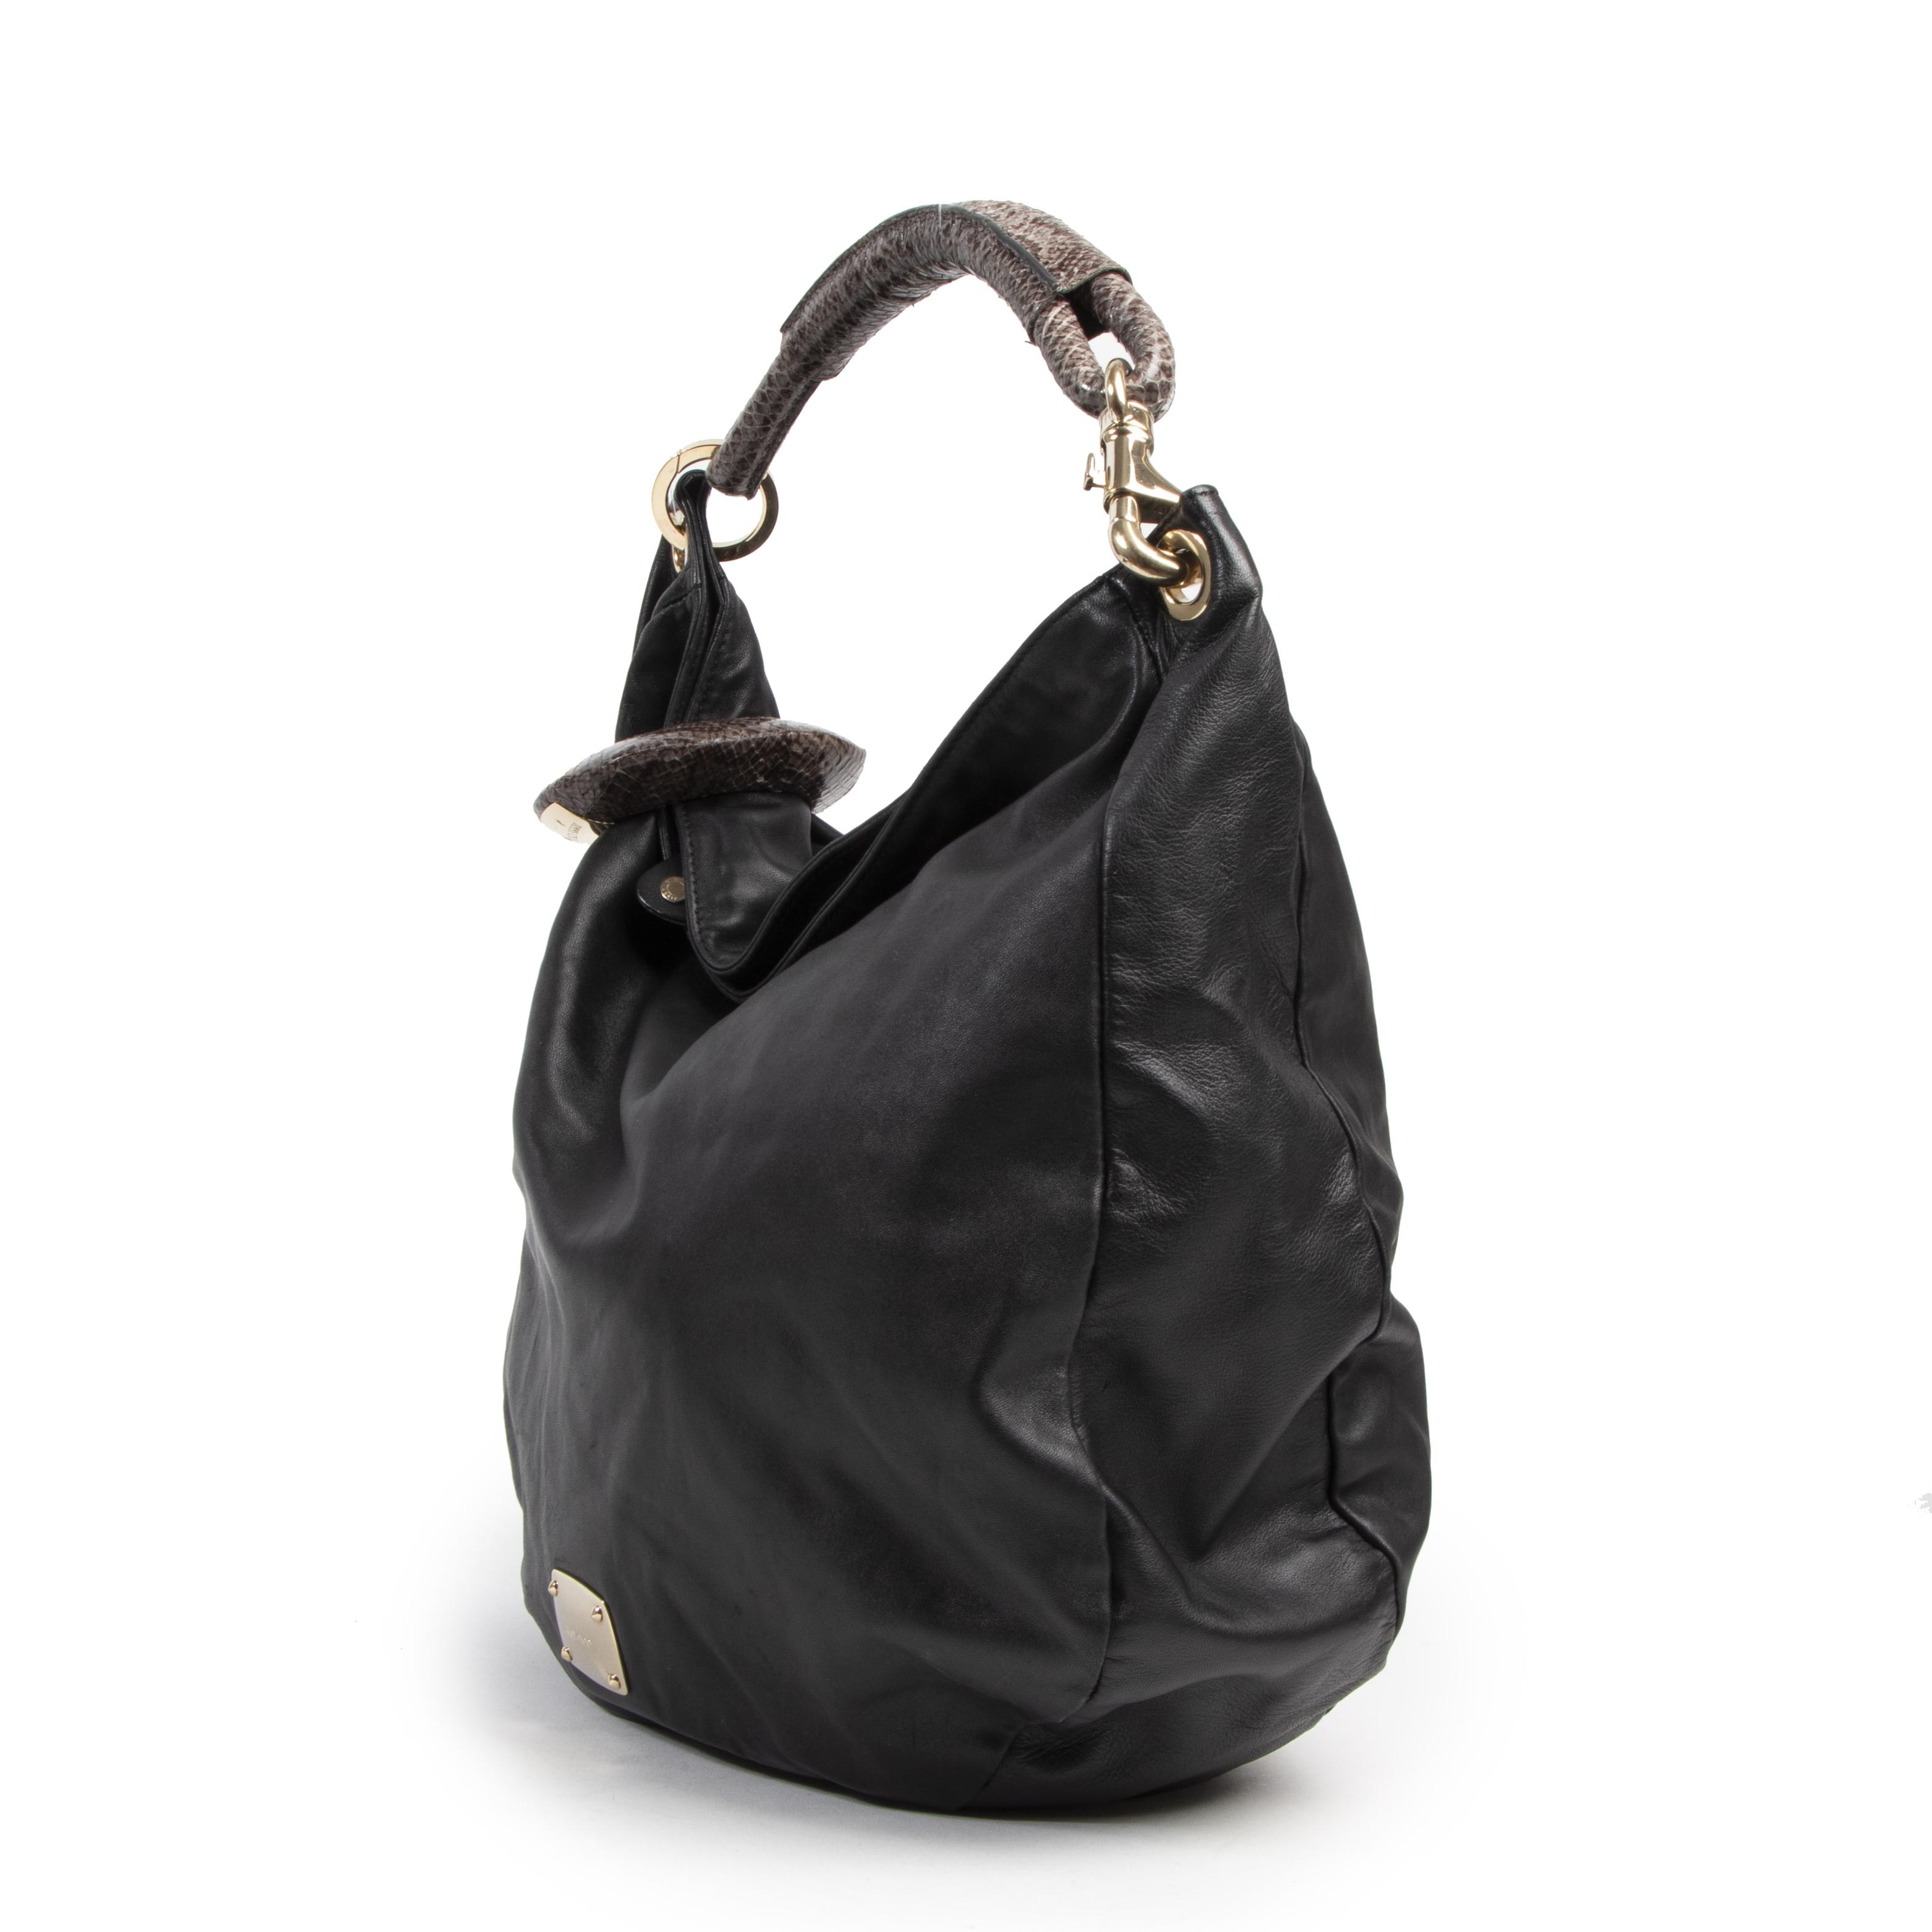 Jimmy Choo Black Hobo Bag schoudertas van Italiaanse design makelij aan de beste prijs bij Labellov tweedehands